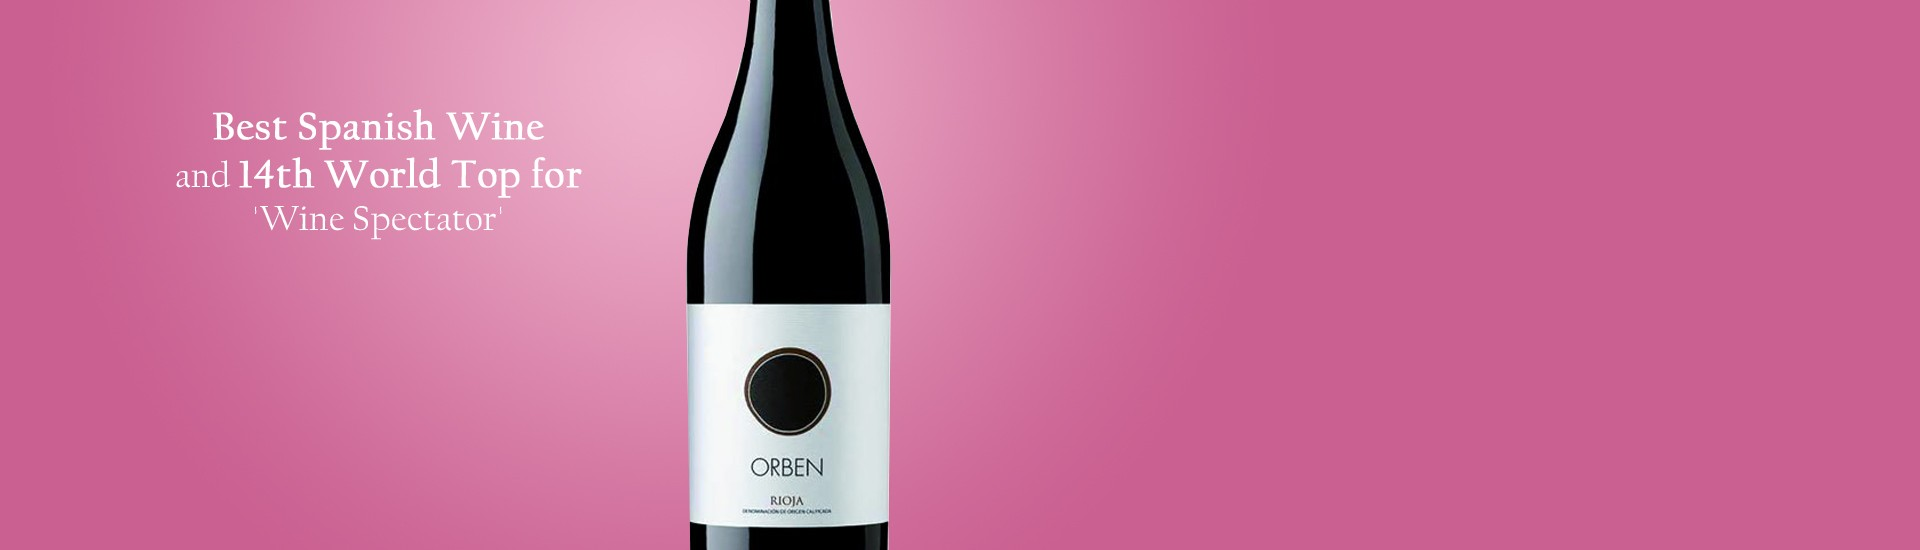 best spanish wine